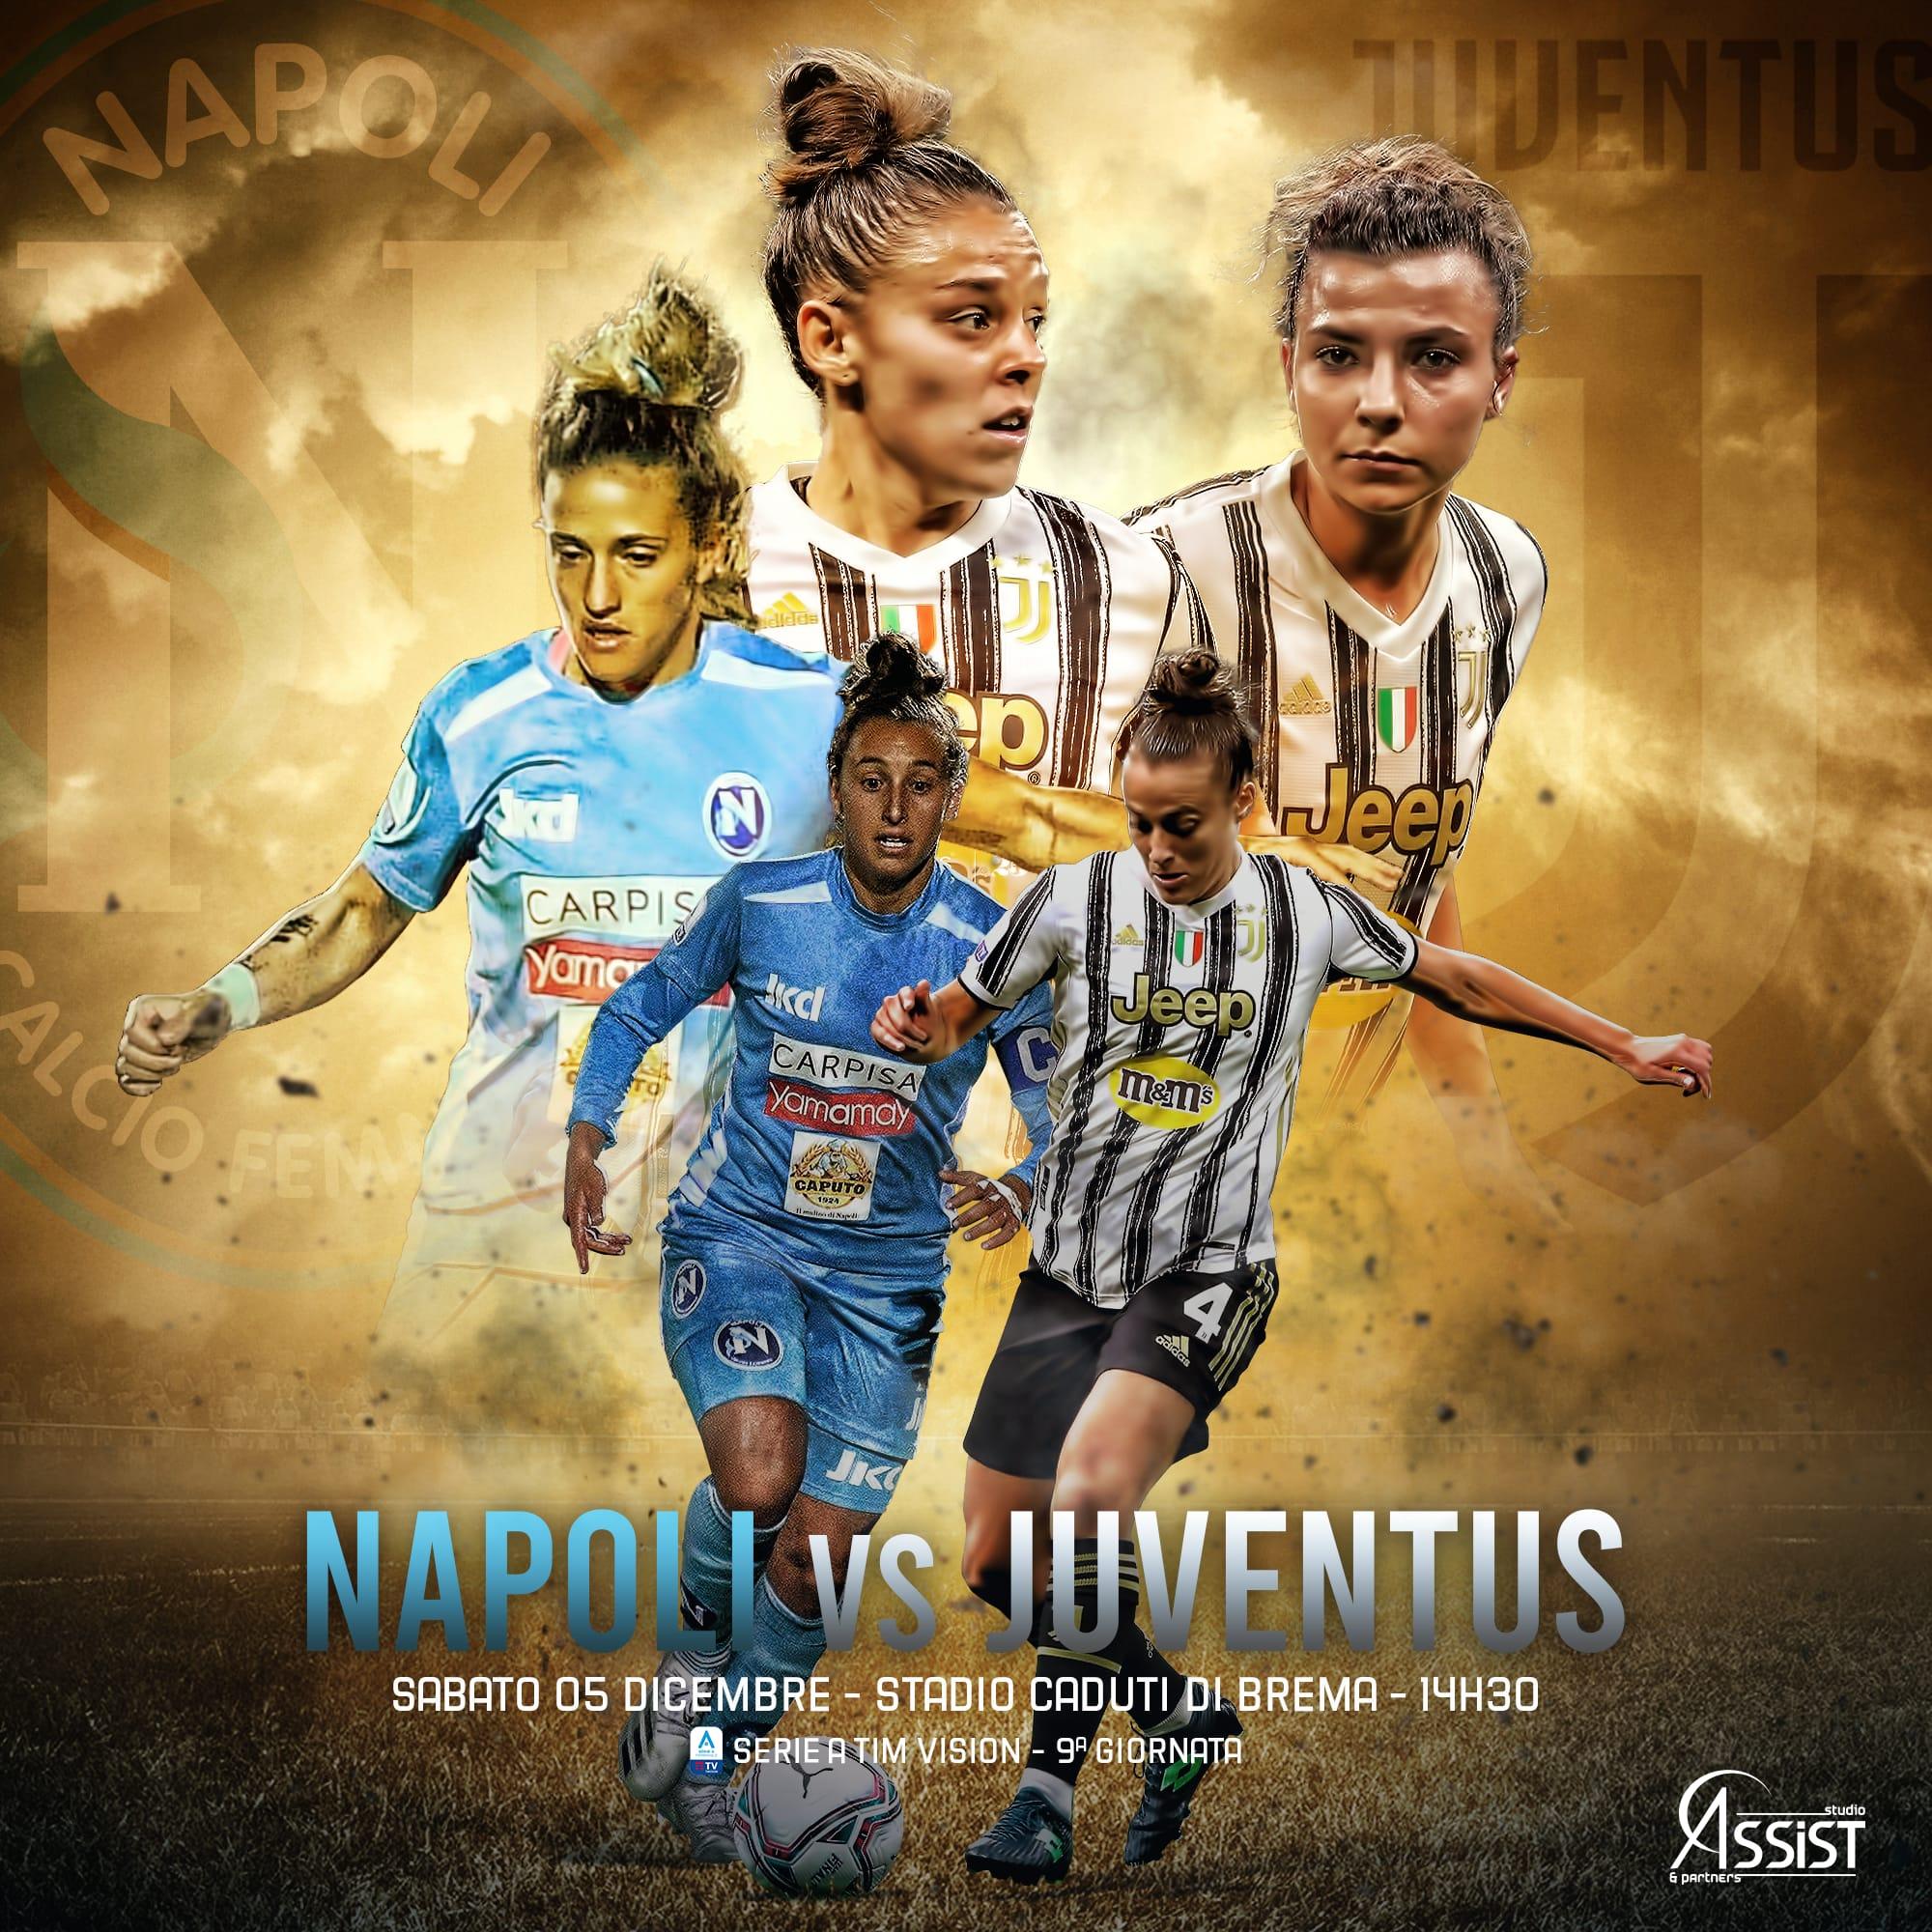 napoli-juventus-calcio-femminile News